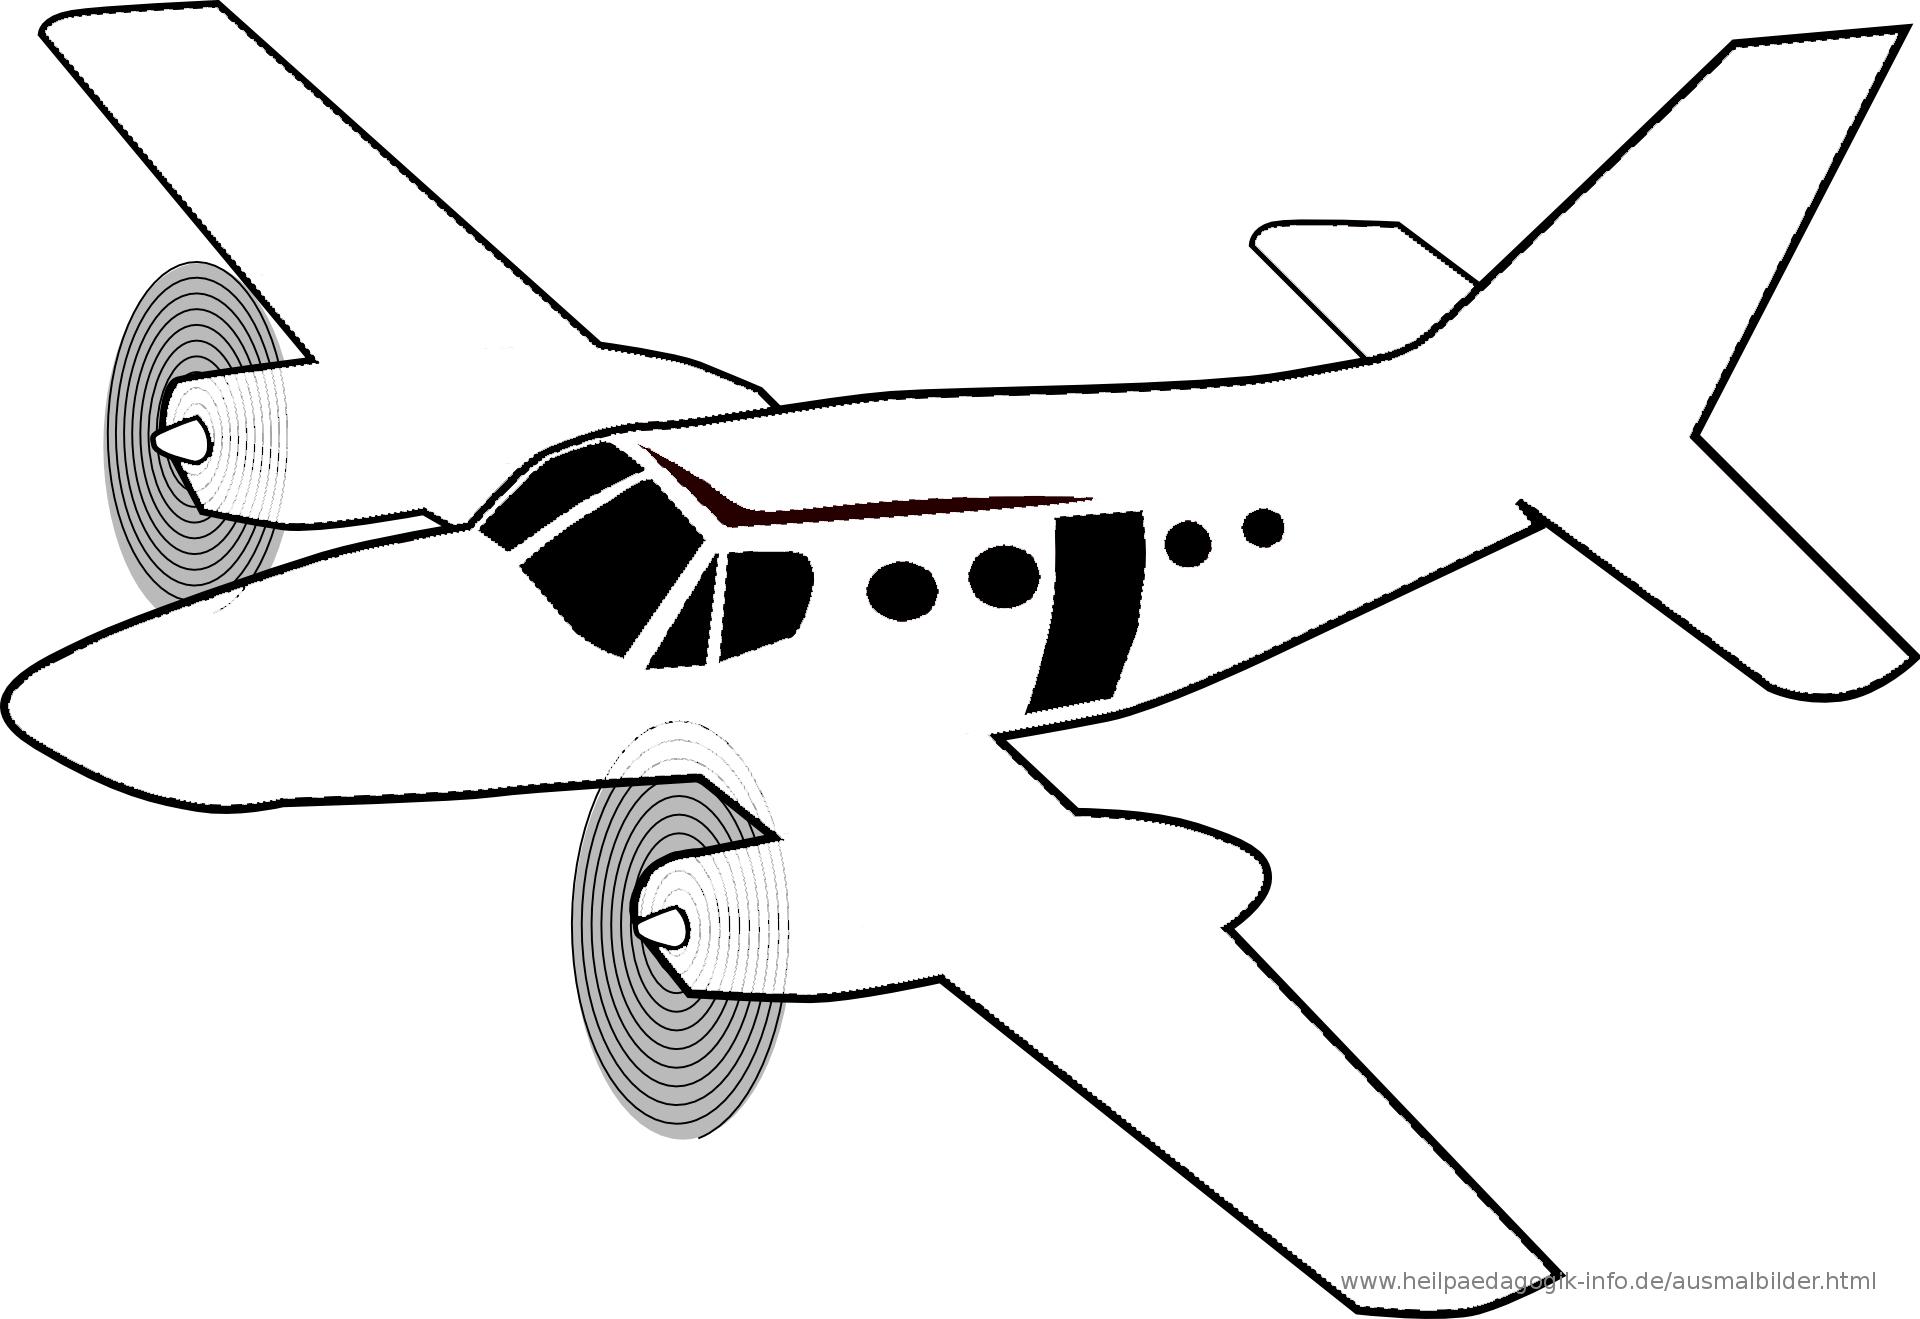 Ausmalbilder Flugzeuge mit Flugzeug Zum Ausmalen